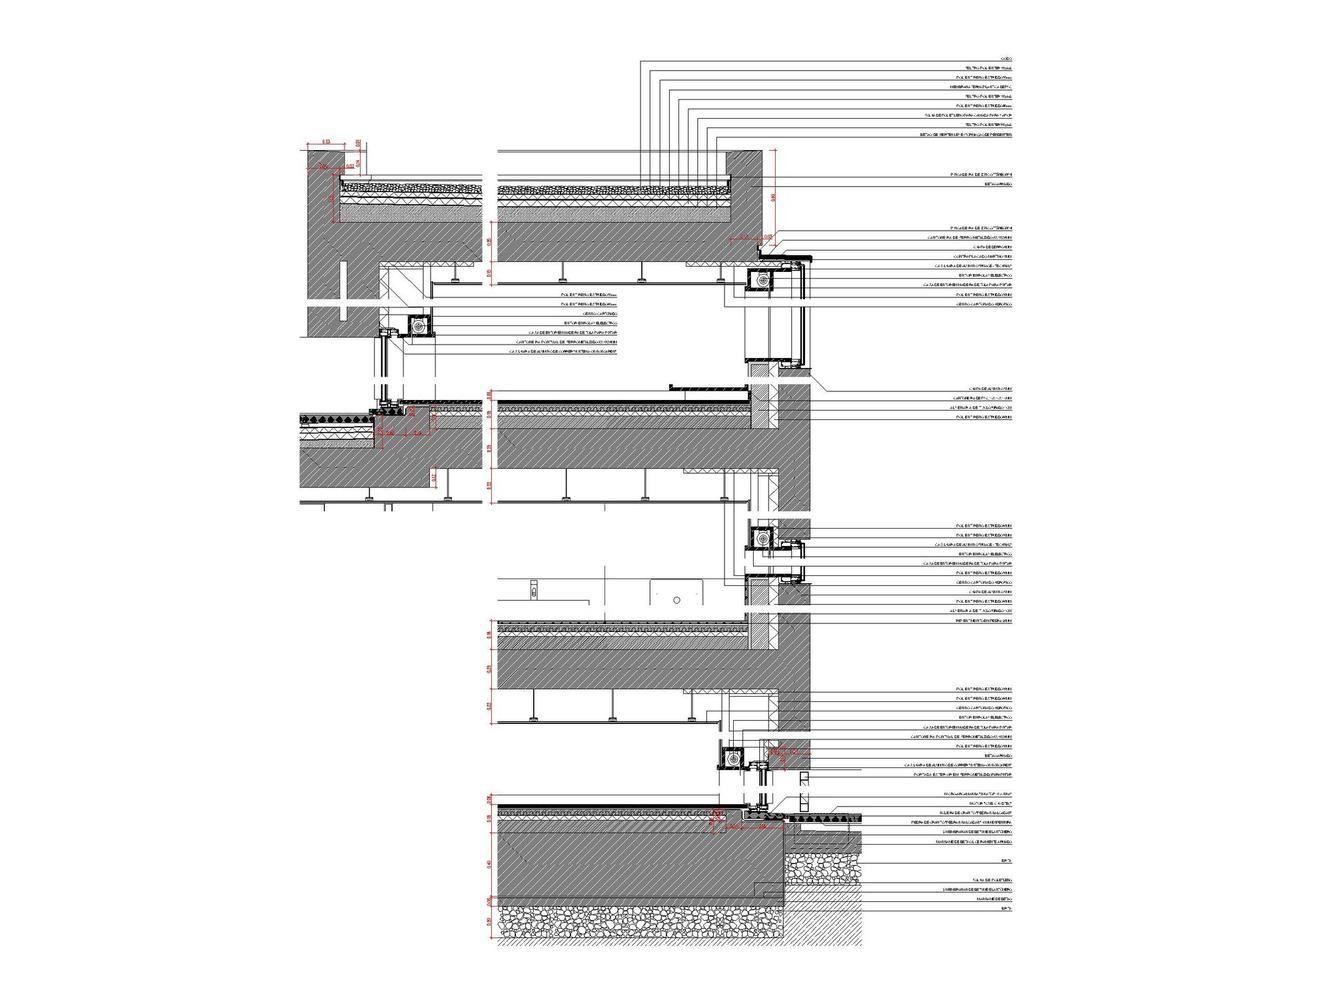 Galería de 40 detalles constructivos de arquitectura en hormigón - 141